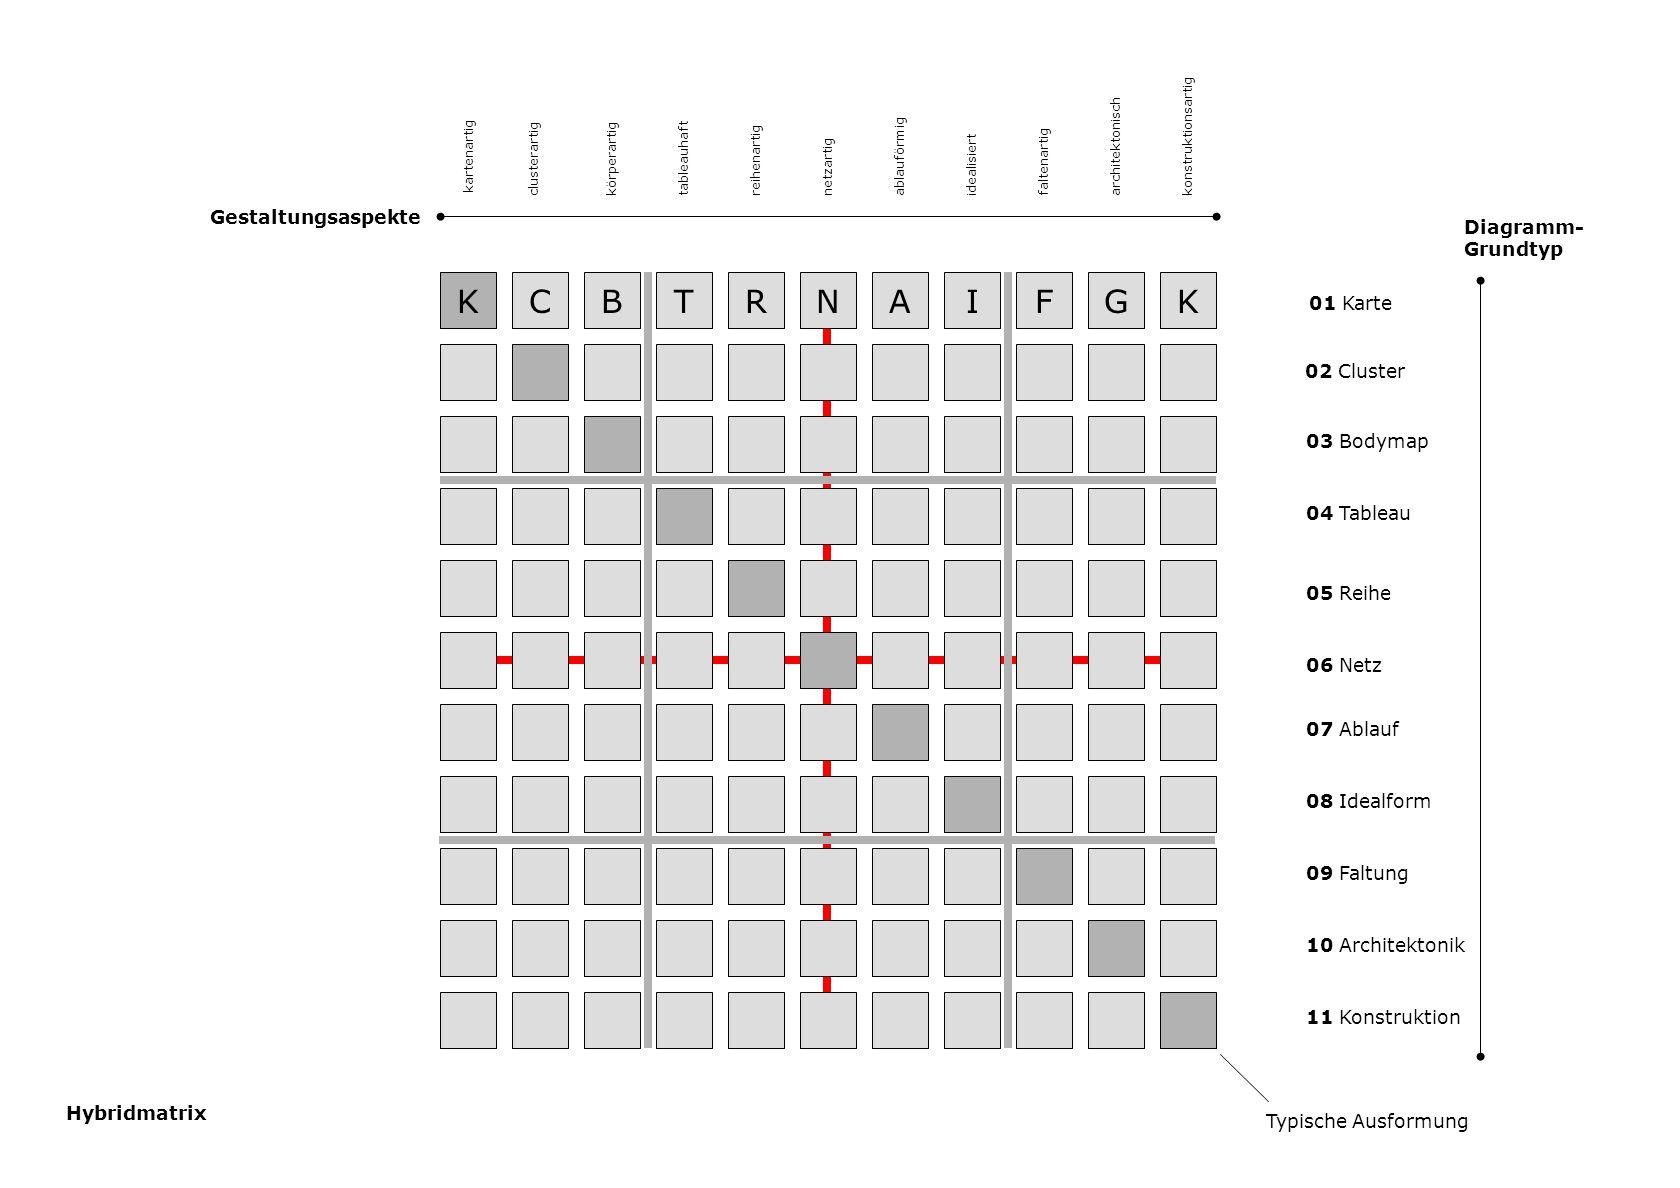 KCBTRNAIFGK Diagramm- Grundtyp 01 Karte 02 Cluster 03 Bodymap 04 Tableau 05 Reihe 06 Netz 07 Ablauf 08 Idealform 09 Faltung 10 Architektonik 11 Konstruktion Gestaltungsaspekte Typische Ausformung kartenartig clusterartigkörperartigtableauhaftreihenartignetzartigablauförmigidealisiertfaltenartigarchitektonisch konstruktionsartig Hybridmatrix